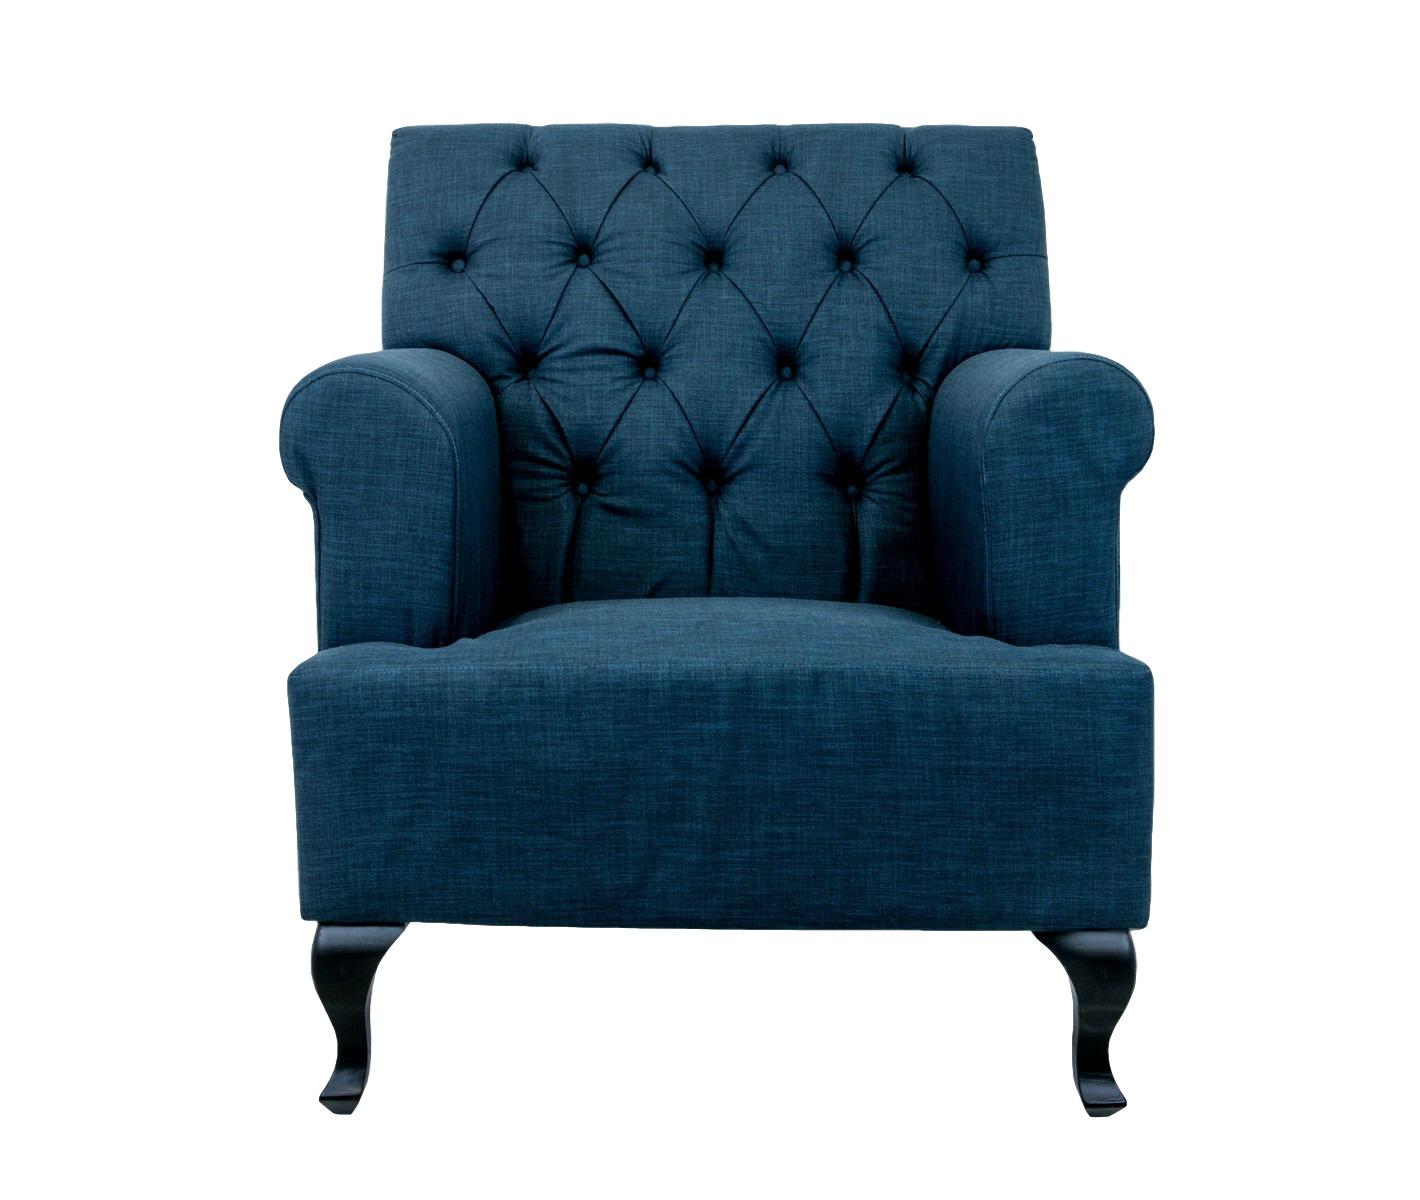 Кресло KanielИнтерьерные кресла<br>Кресло Kaniel отличается нестареющим дизайном, оно никогда не выйдет из моды. Кресло выполнено полностью вручную из дерева и натуральных тканей. <br>Глубина 90 <br>Высота 110 <br>Ширина 90 <br>Диаметр - <br>Материал Лен <br>Цвет Синий<br><br>Material: Лен<br>Ширина см: 90<br>Высота см: 110<br>Глубина см: 90